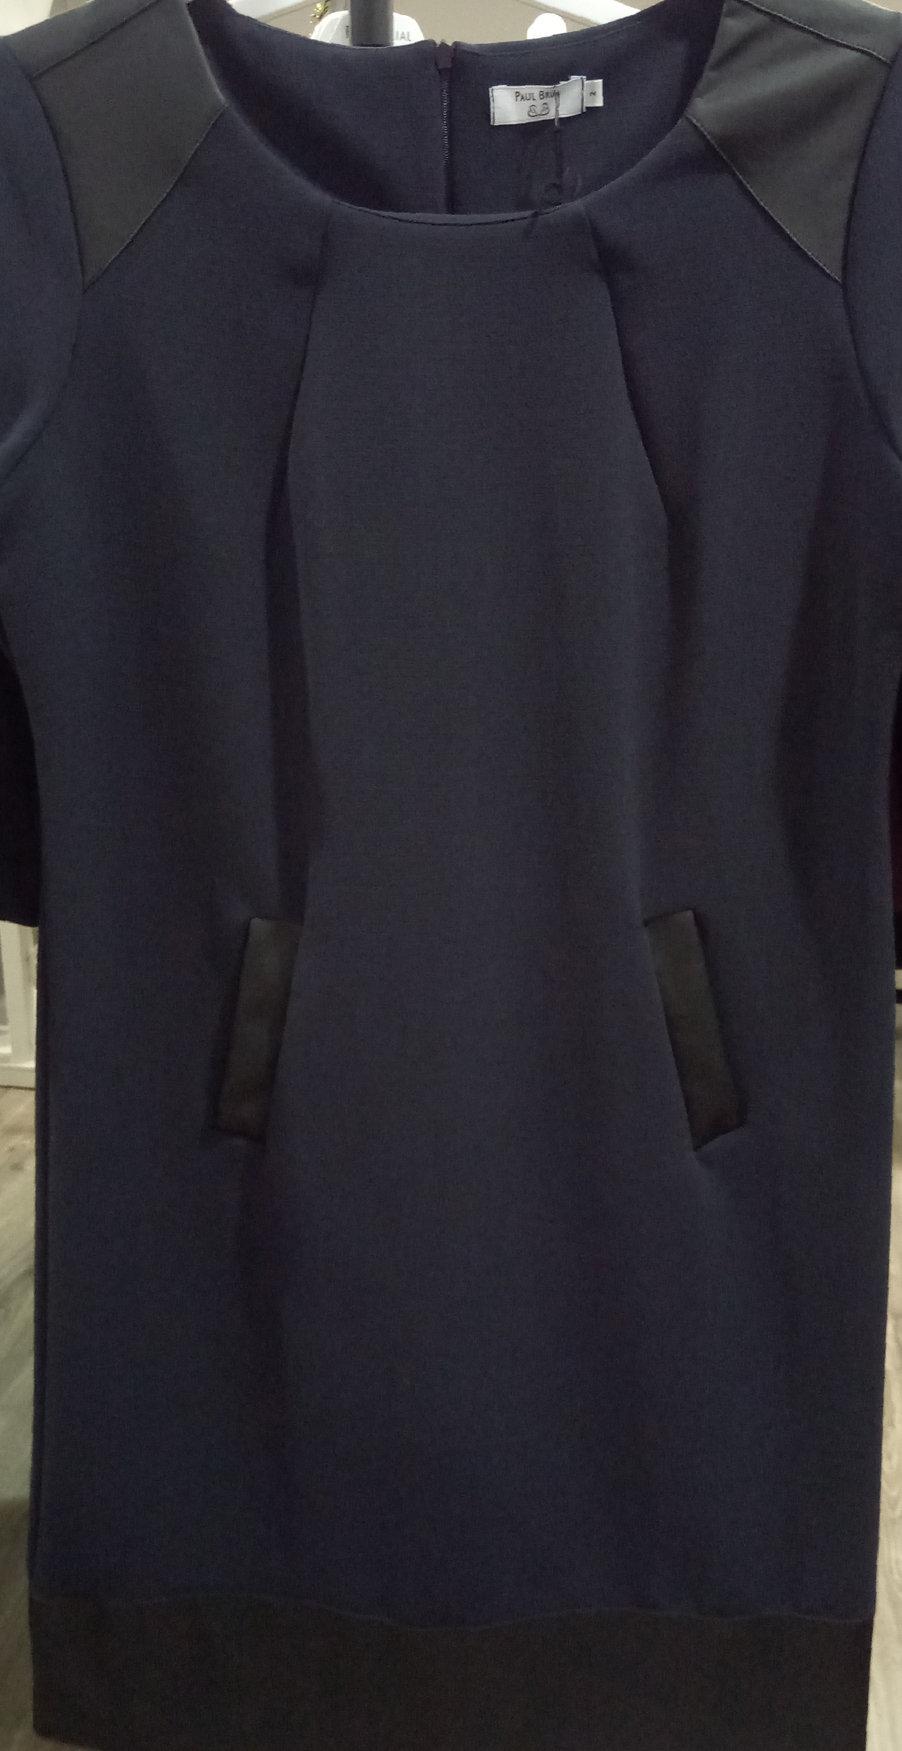 Paul Brial: Moto Midi Pocket Dress (More Colors!)